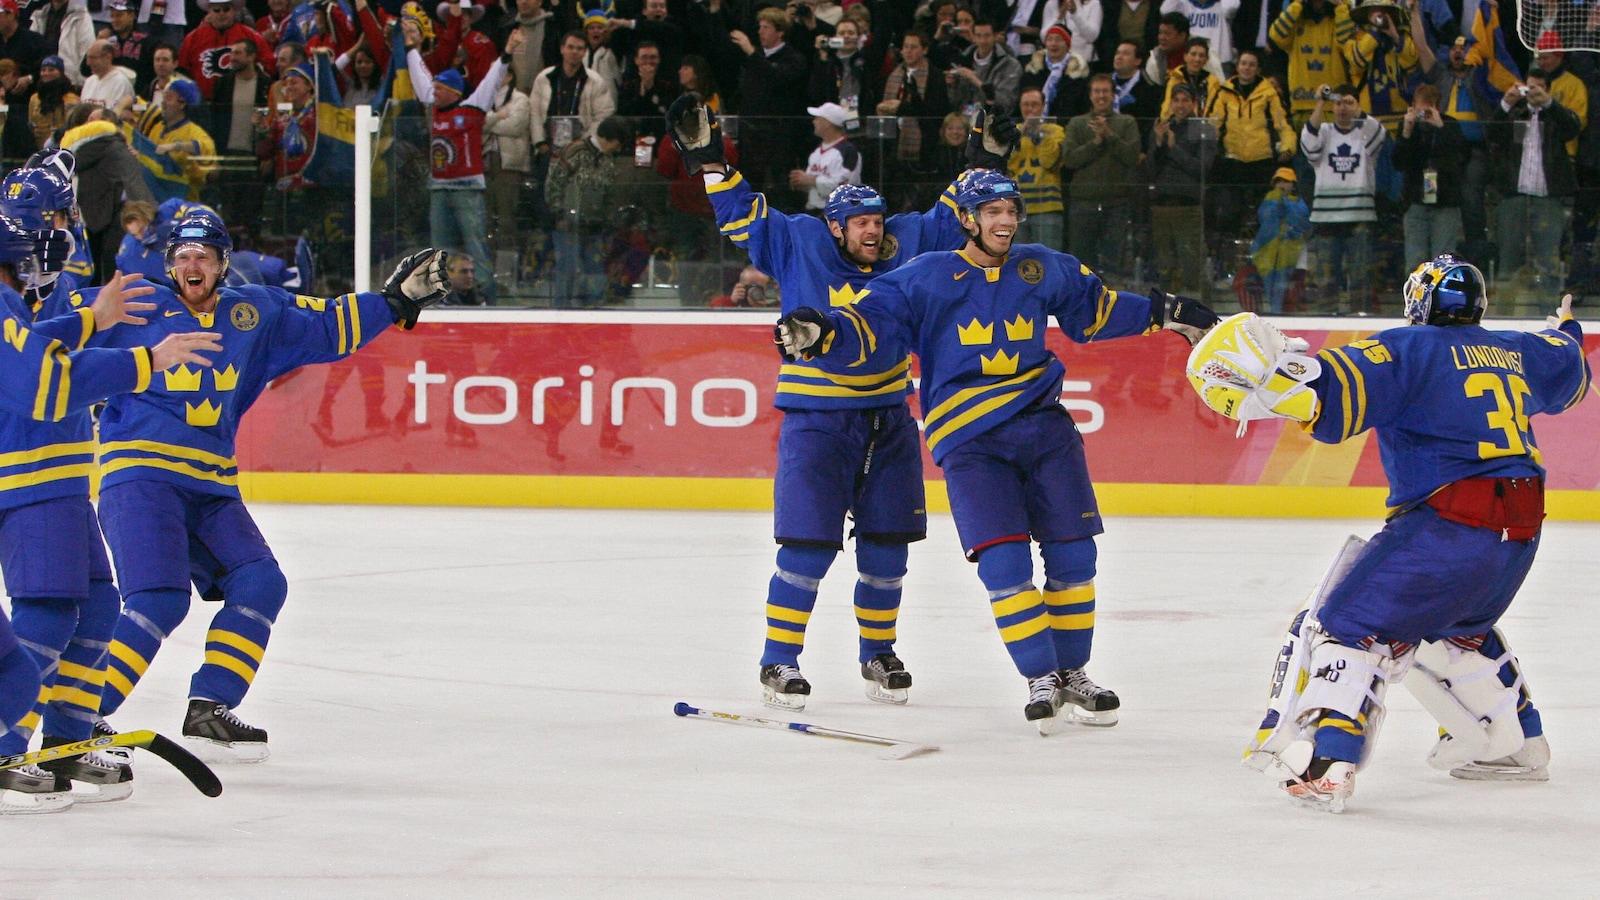 La Suède médaillée d'or au hockey lors des Jeux de 2006 à Turin